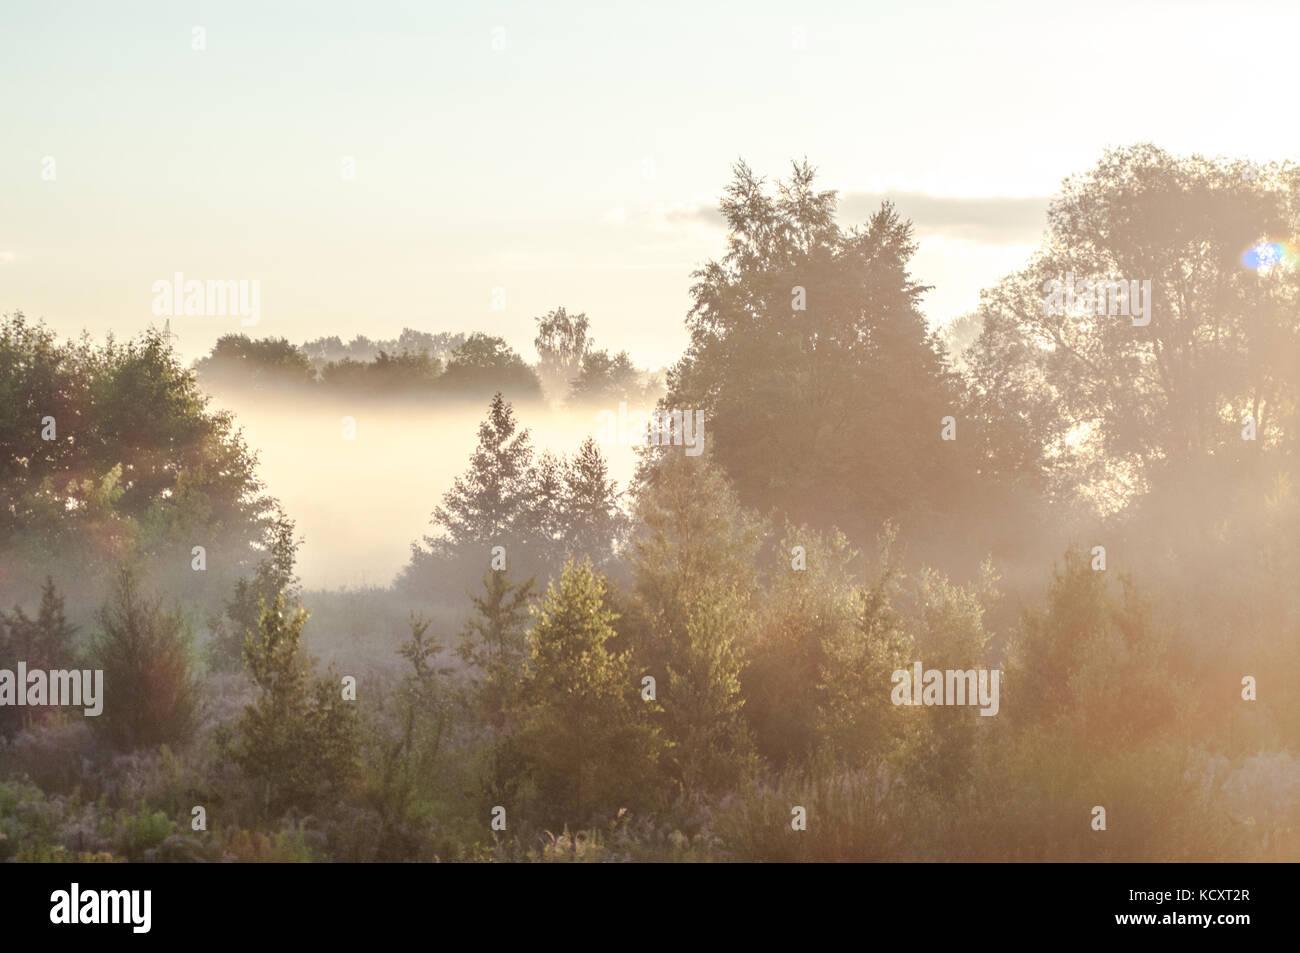 Bella scena di mattina. Paesaggio lettone con campi di nebbia. Immagini Stock